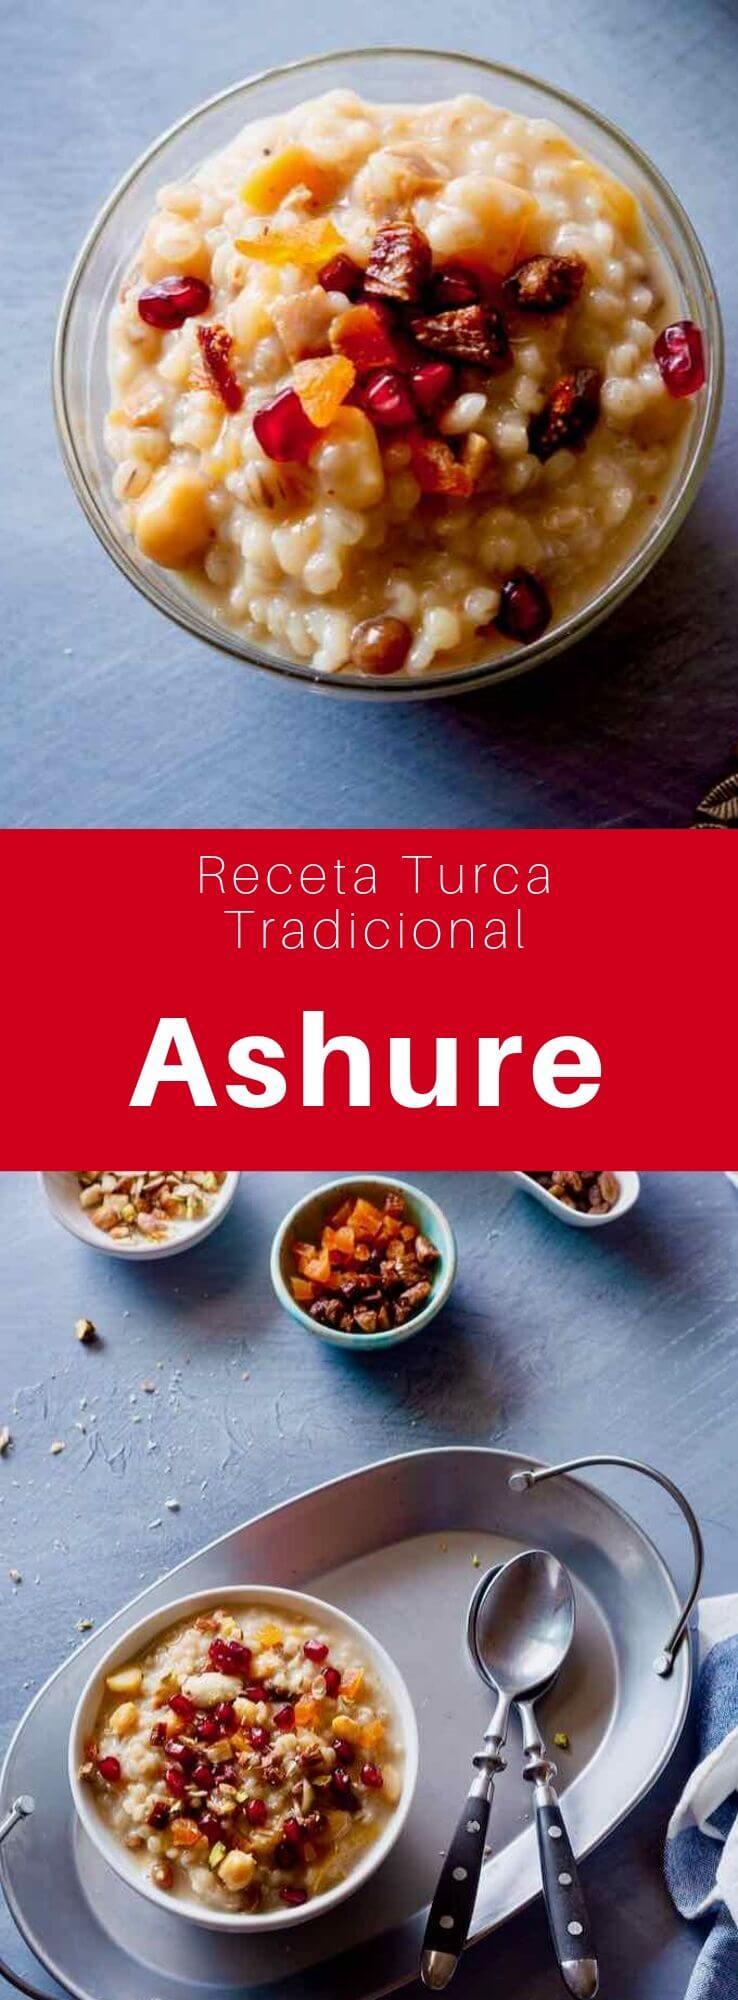 El ashure o pudín de Noé es un postre de origen turco compuesto de cereales y frutos secos. Es un plato tradicional que se sirve en el día de Achoura, el décimo día de Muharram.